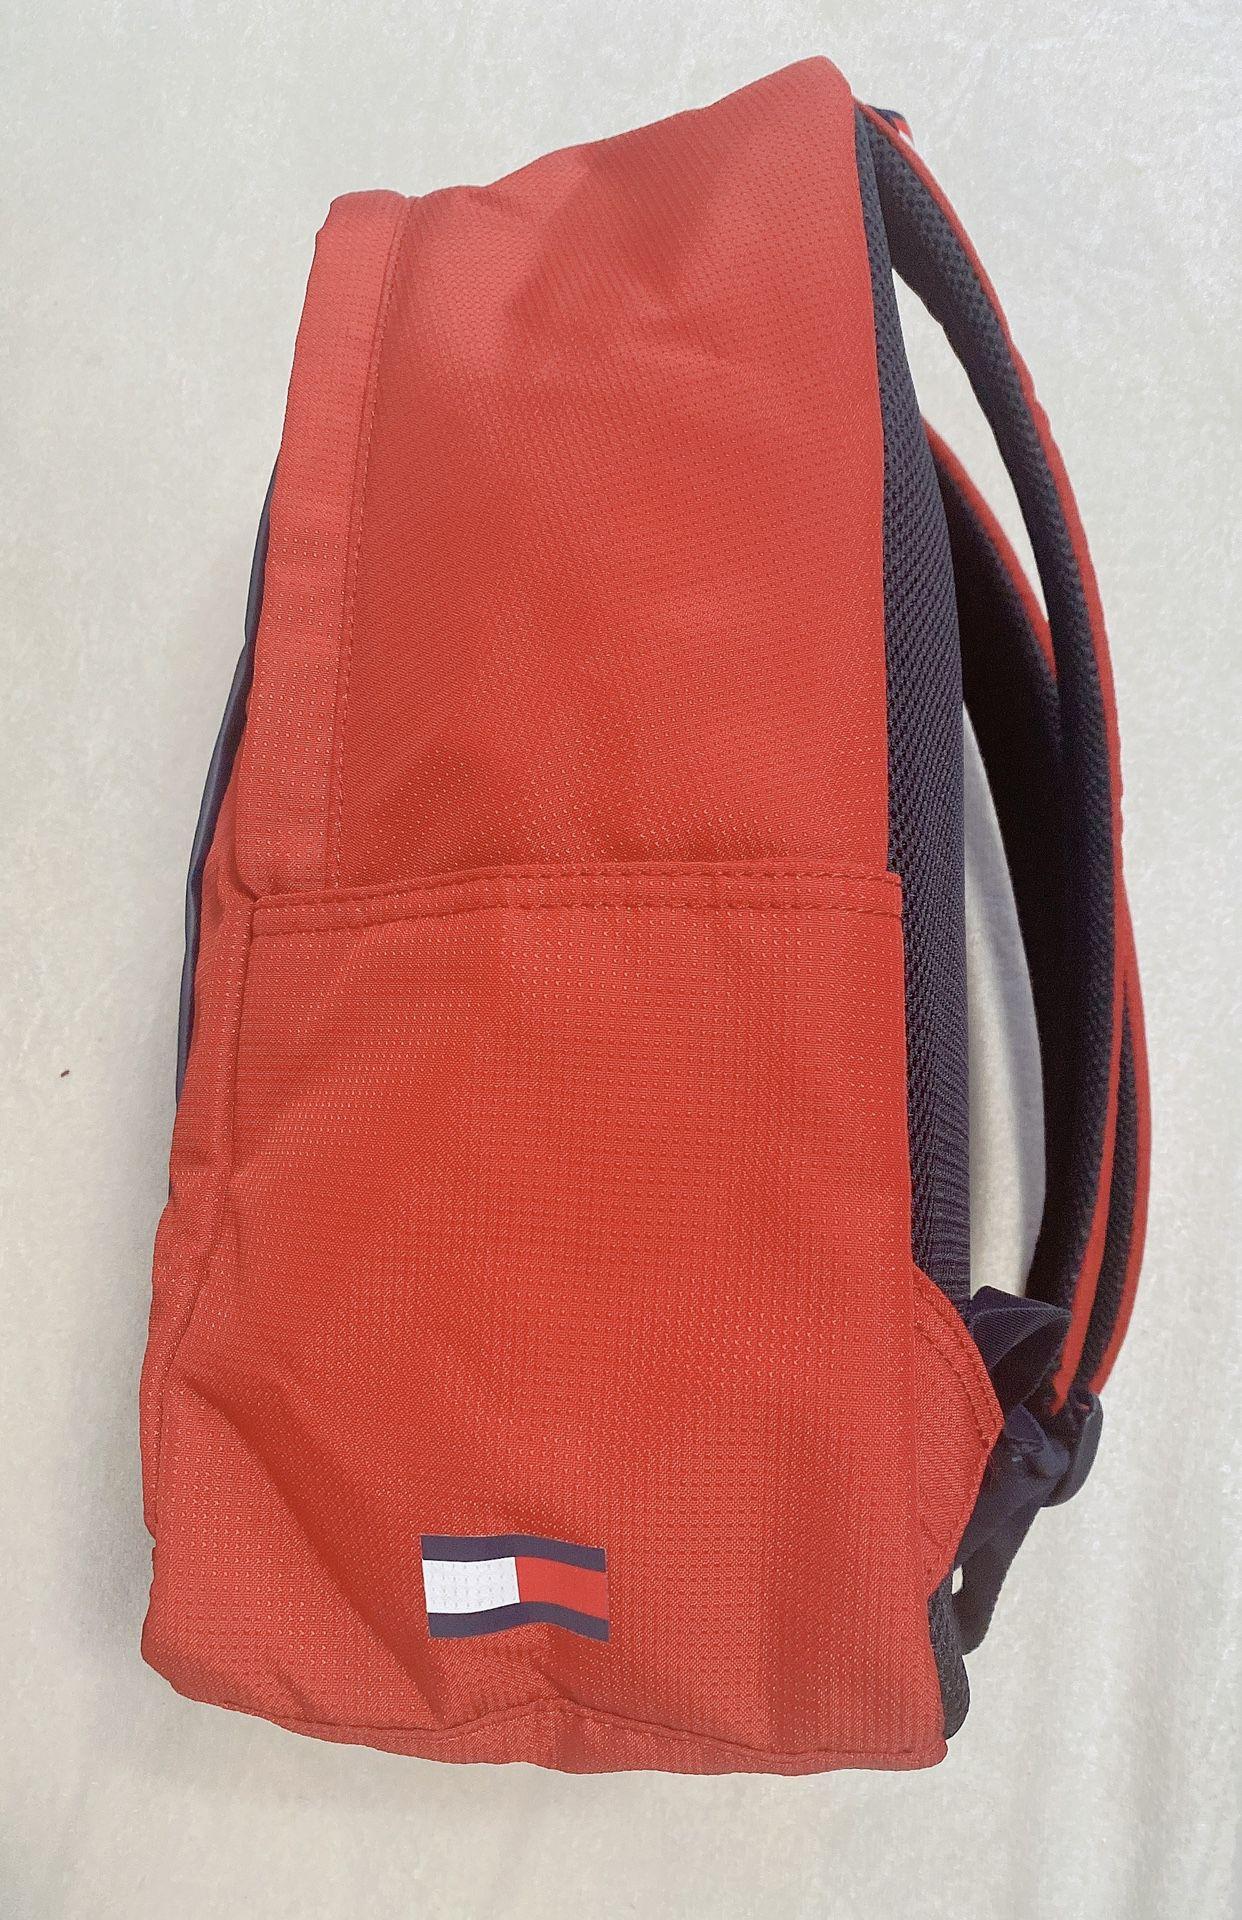 Tommy Hilfiger Men's  backpack Red-New